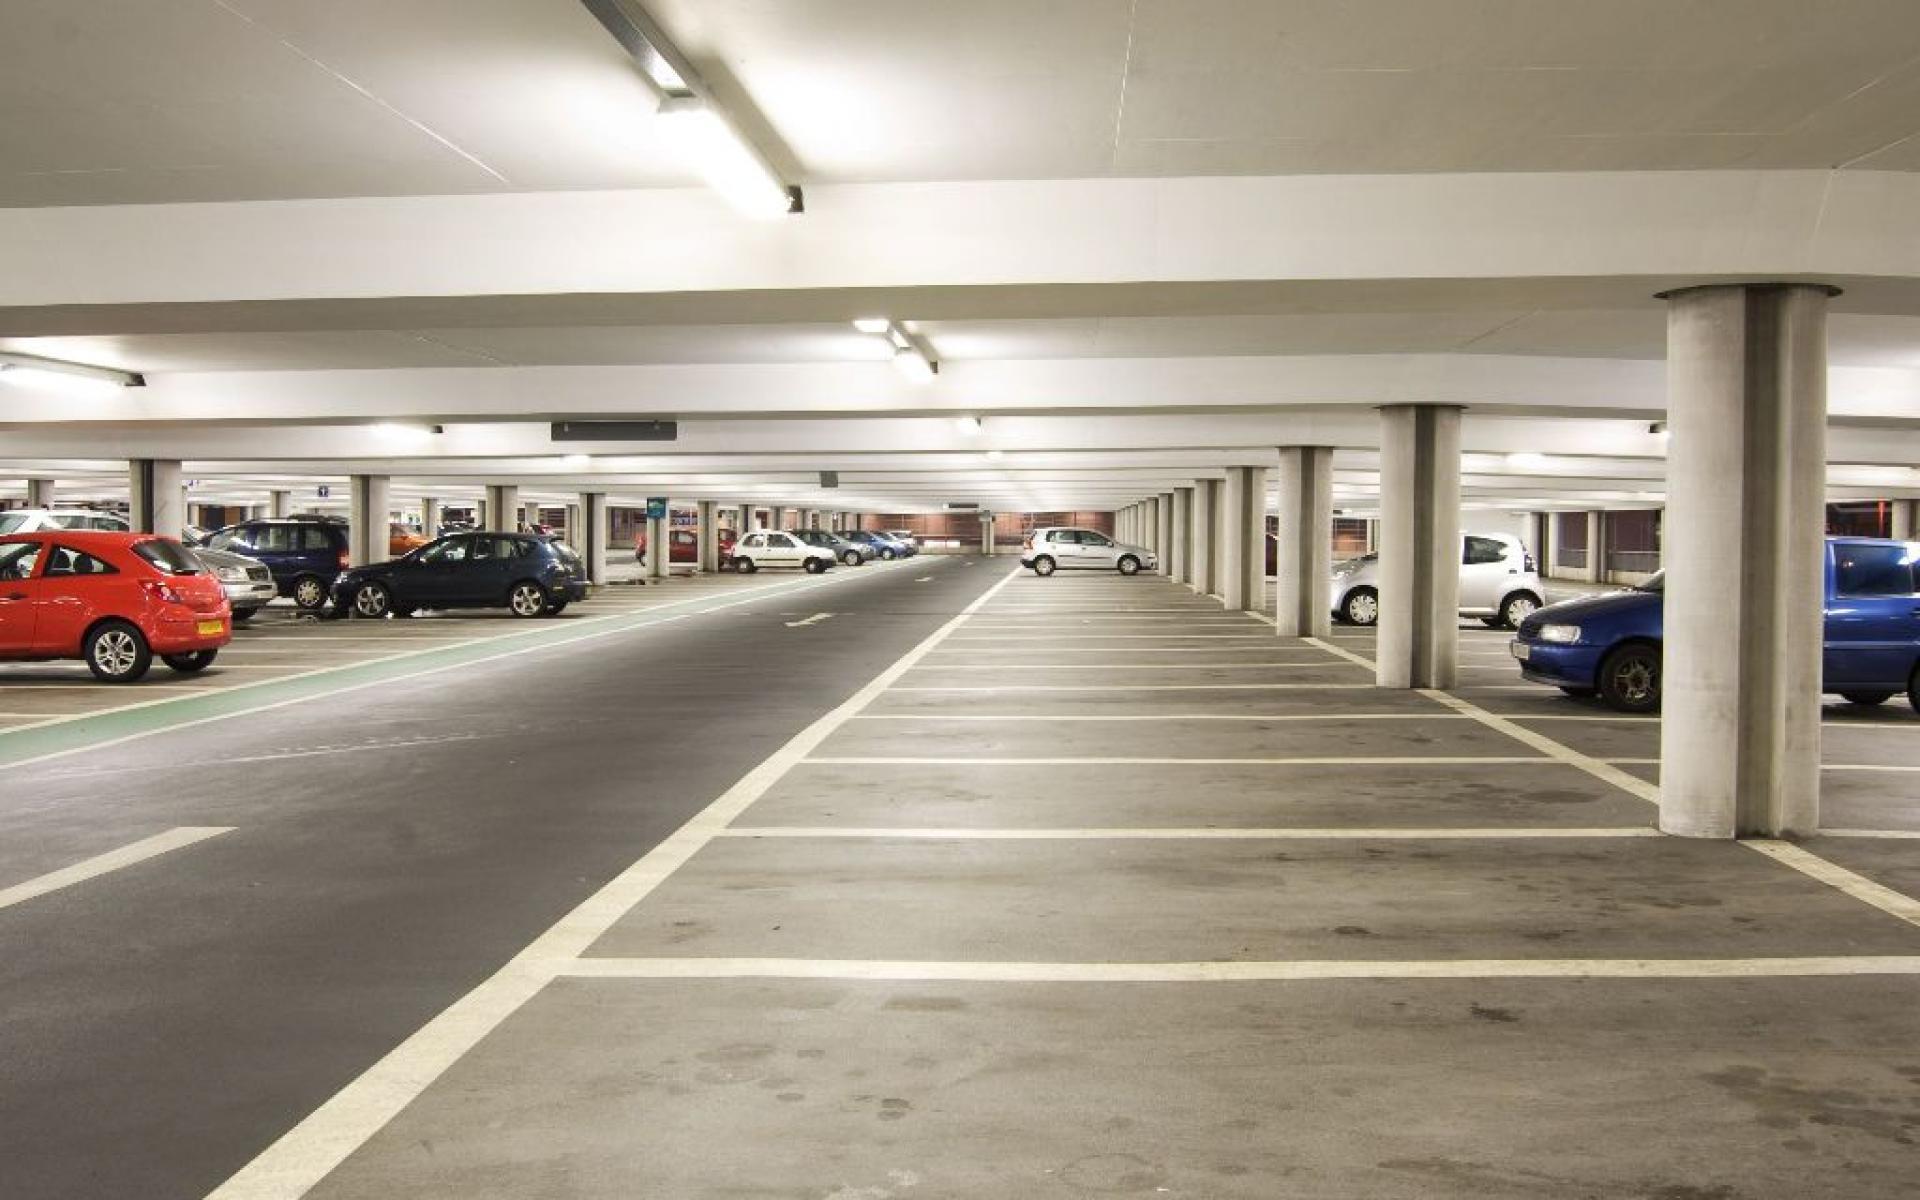 Location de parking avec petit budget, c'est possible